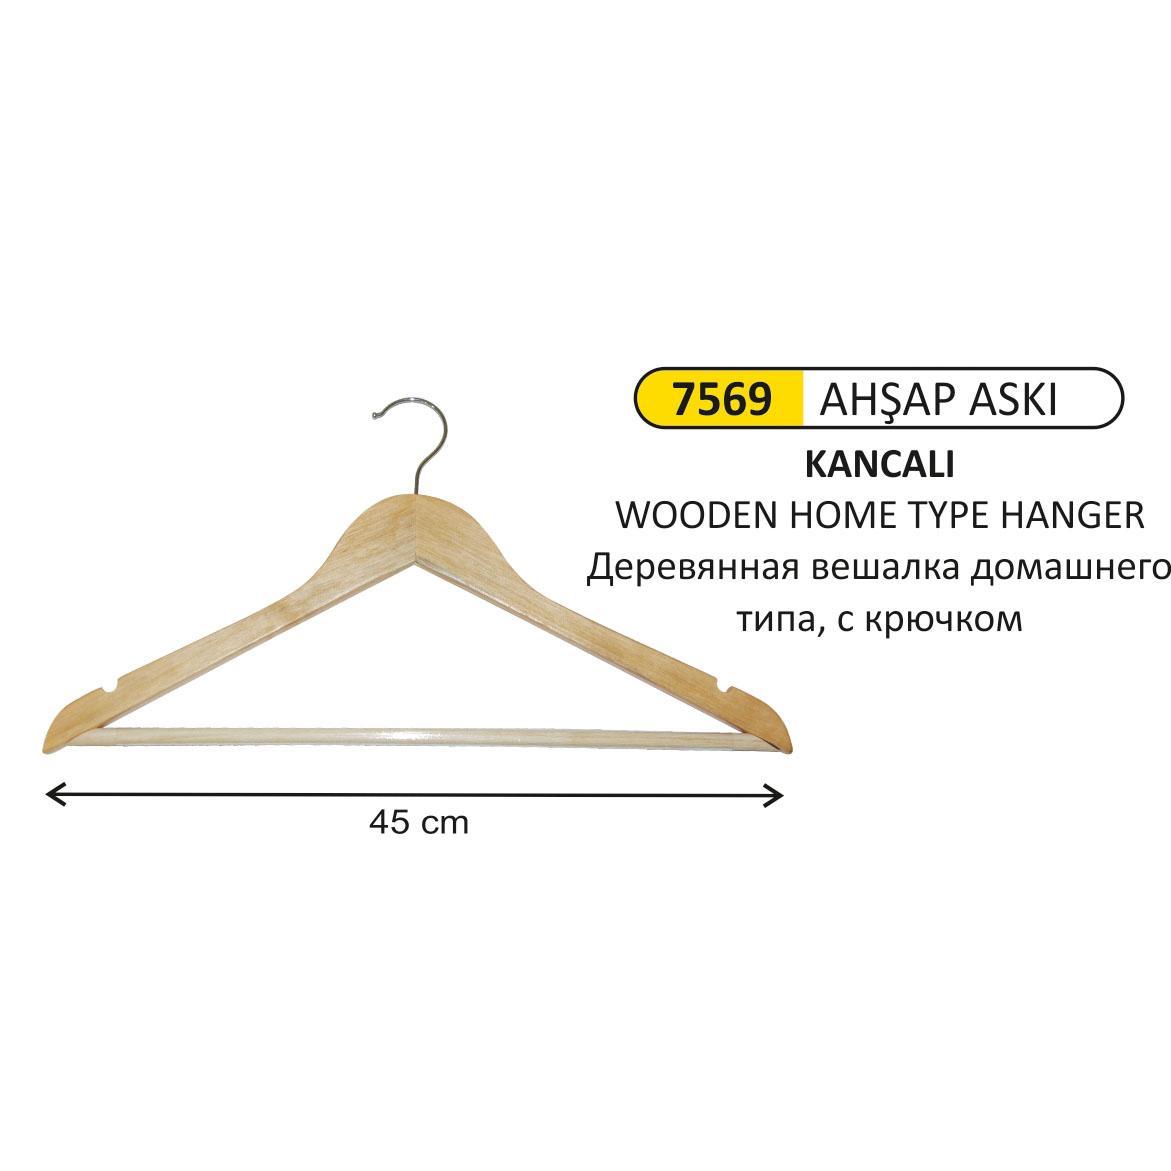 7569 AHŞAP KANCALI ASKI